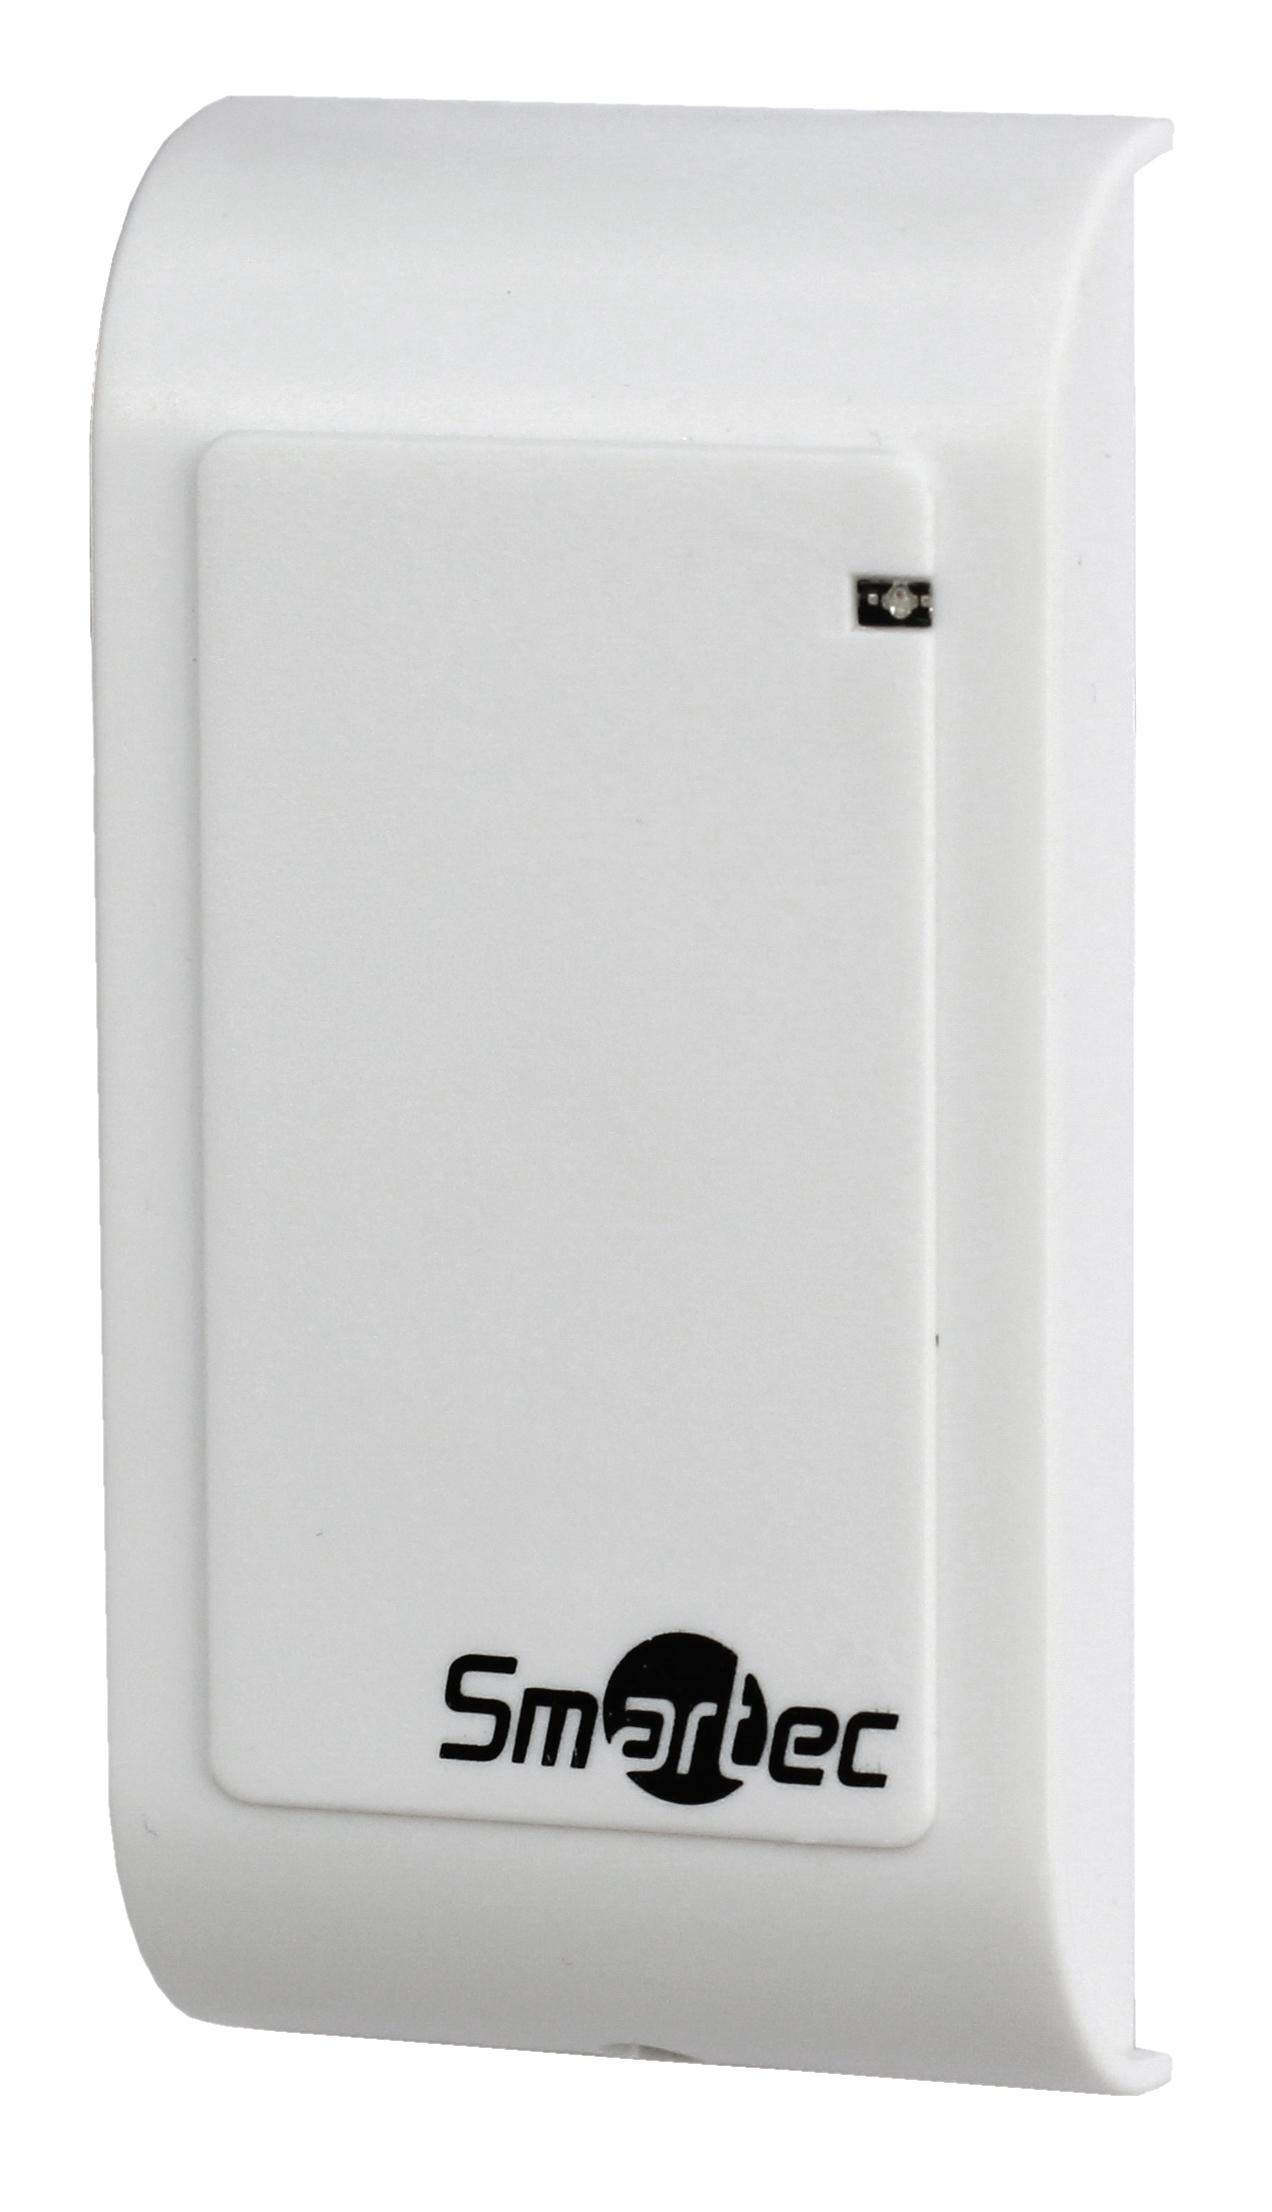 Новинка Smartec – уличный считыватель смарт-карт MIFARE для надежных СКУД